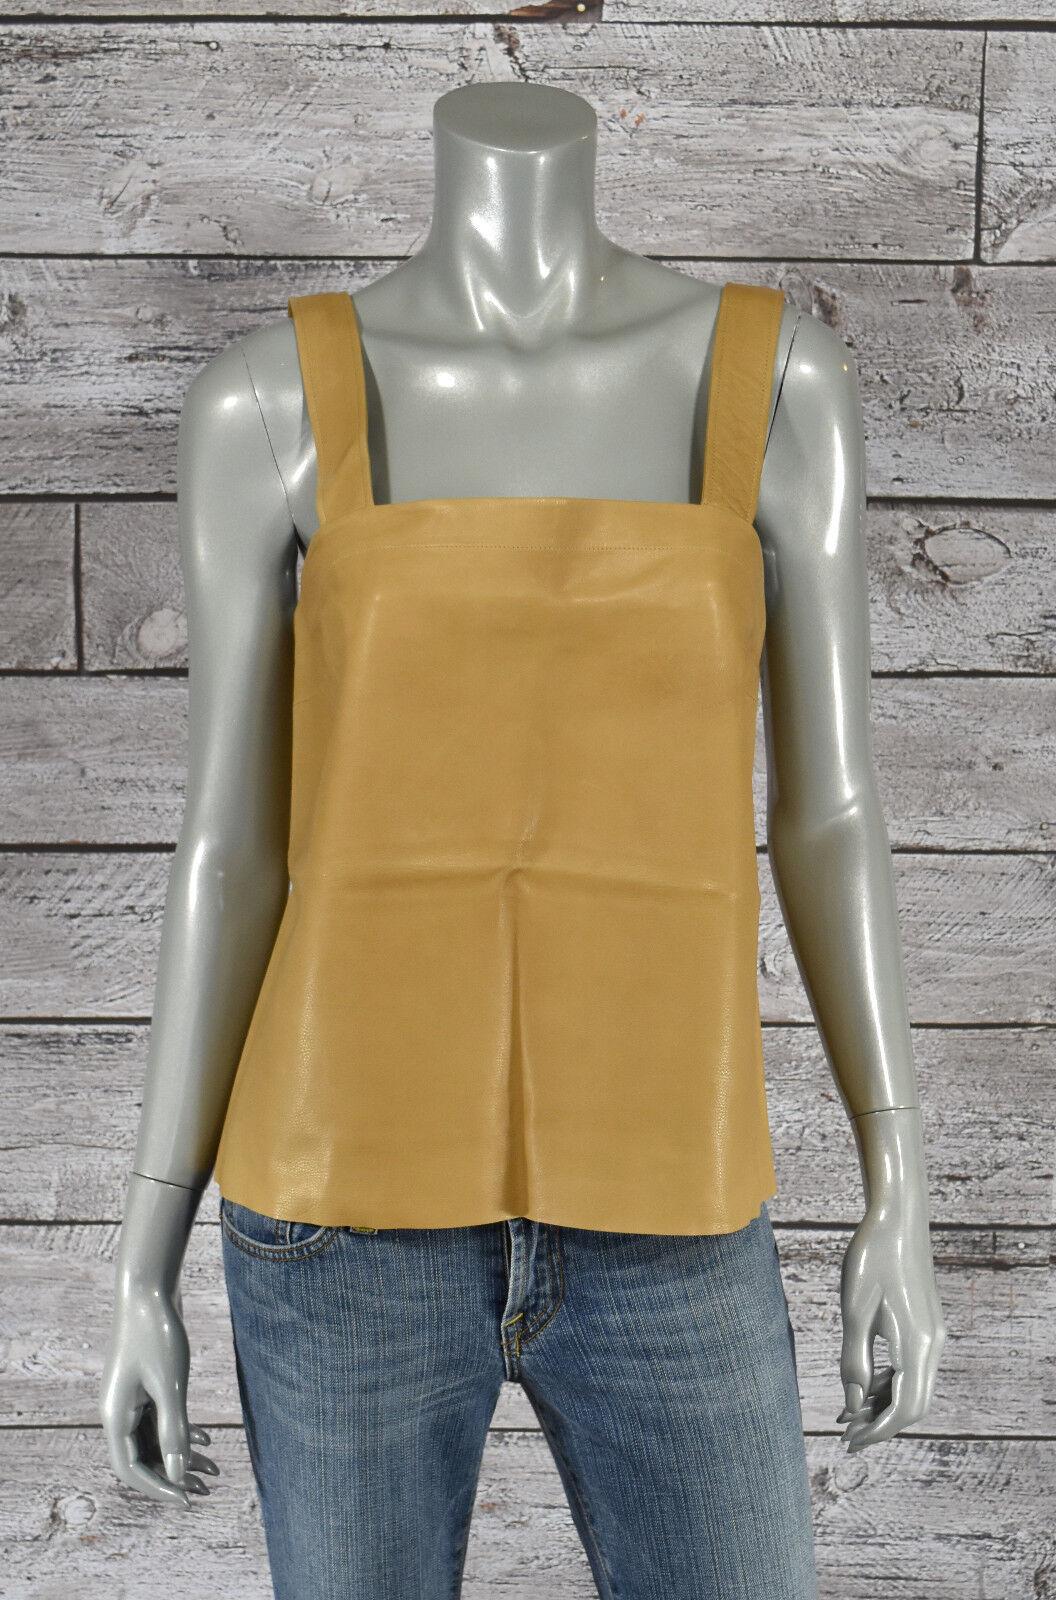 Ralph Lauren Lila Label Leder Ärmelloses Top Shirt Neu